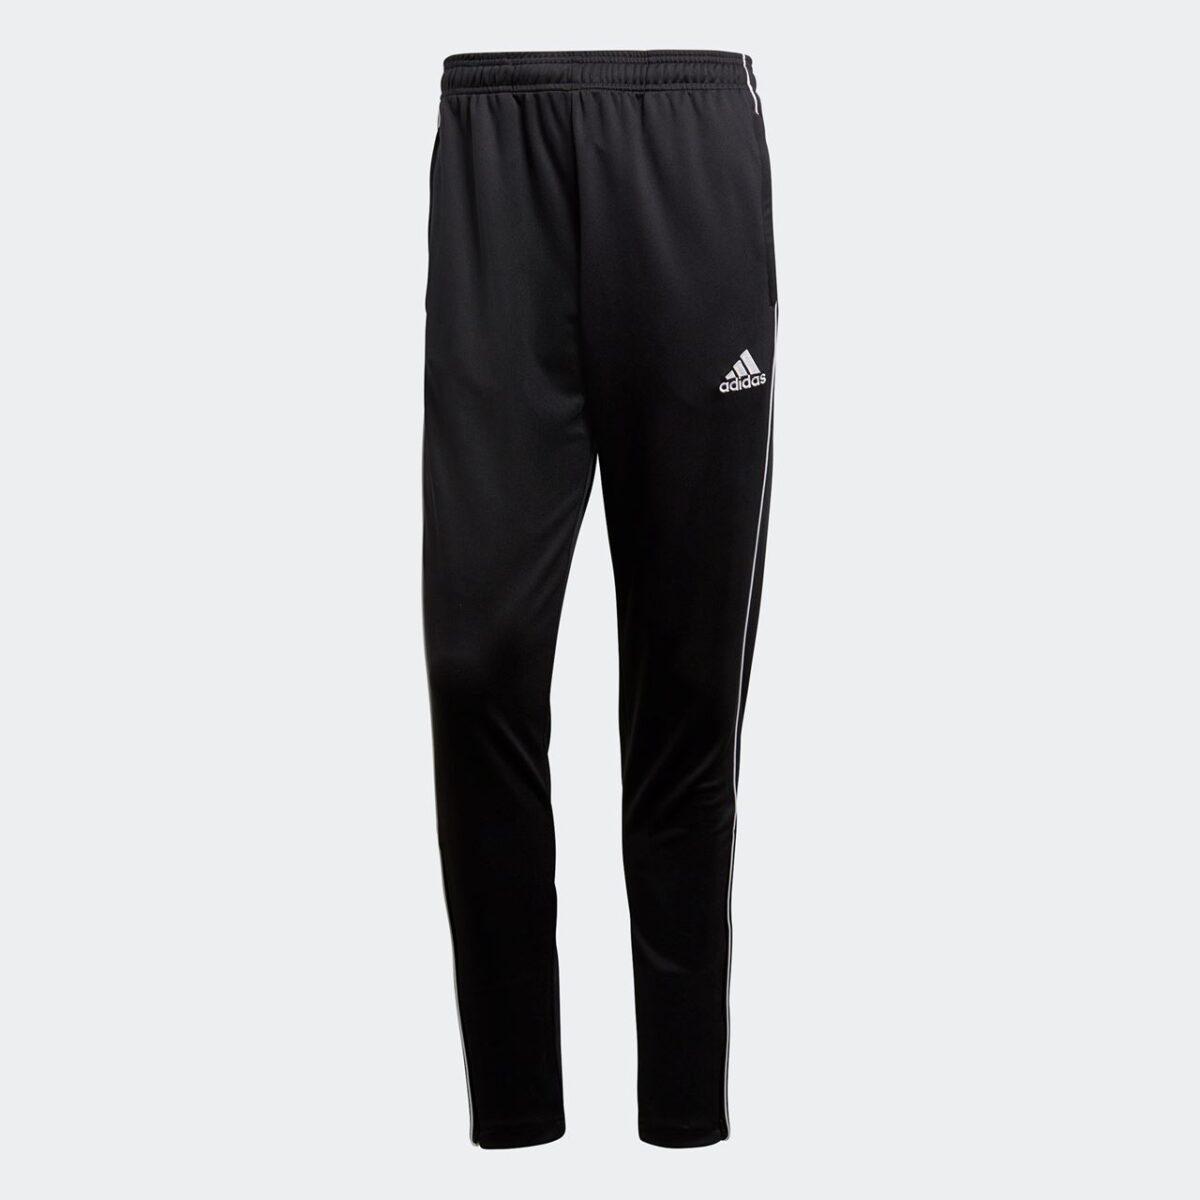 Adidas Core 18 Training Pant Adult